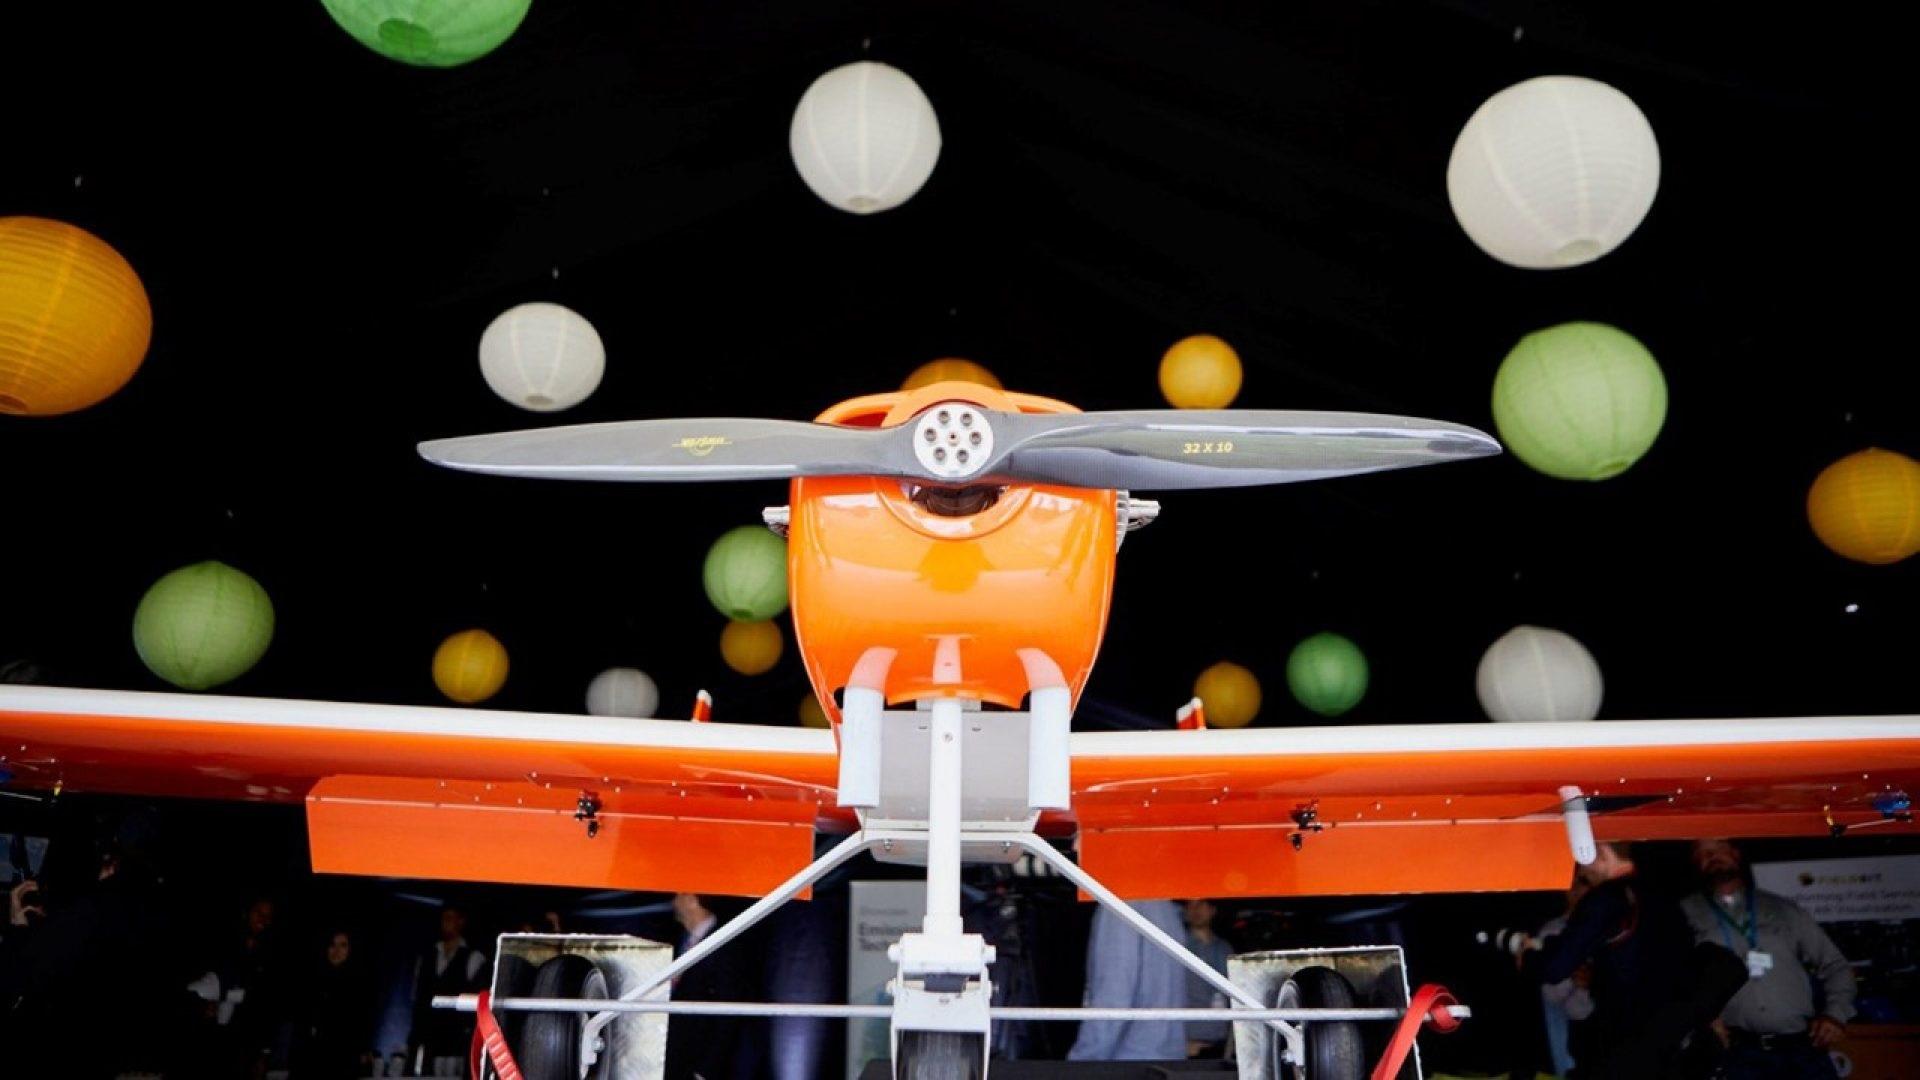 A FlyLogix drone.